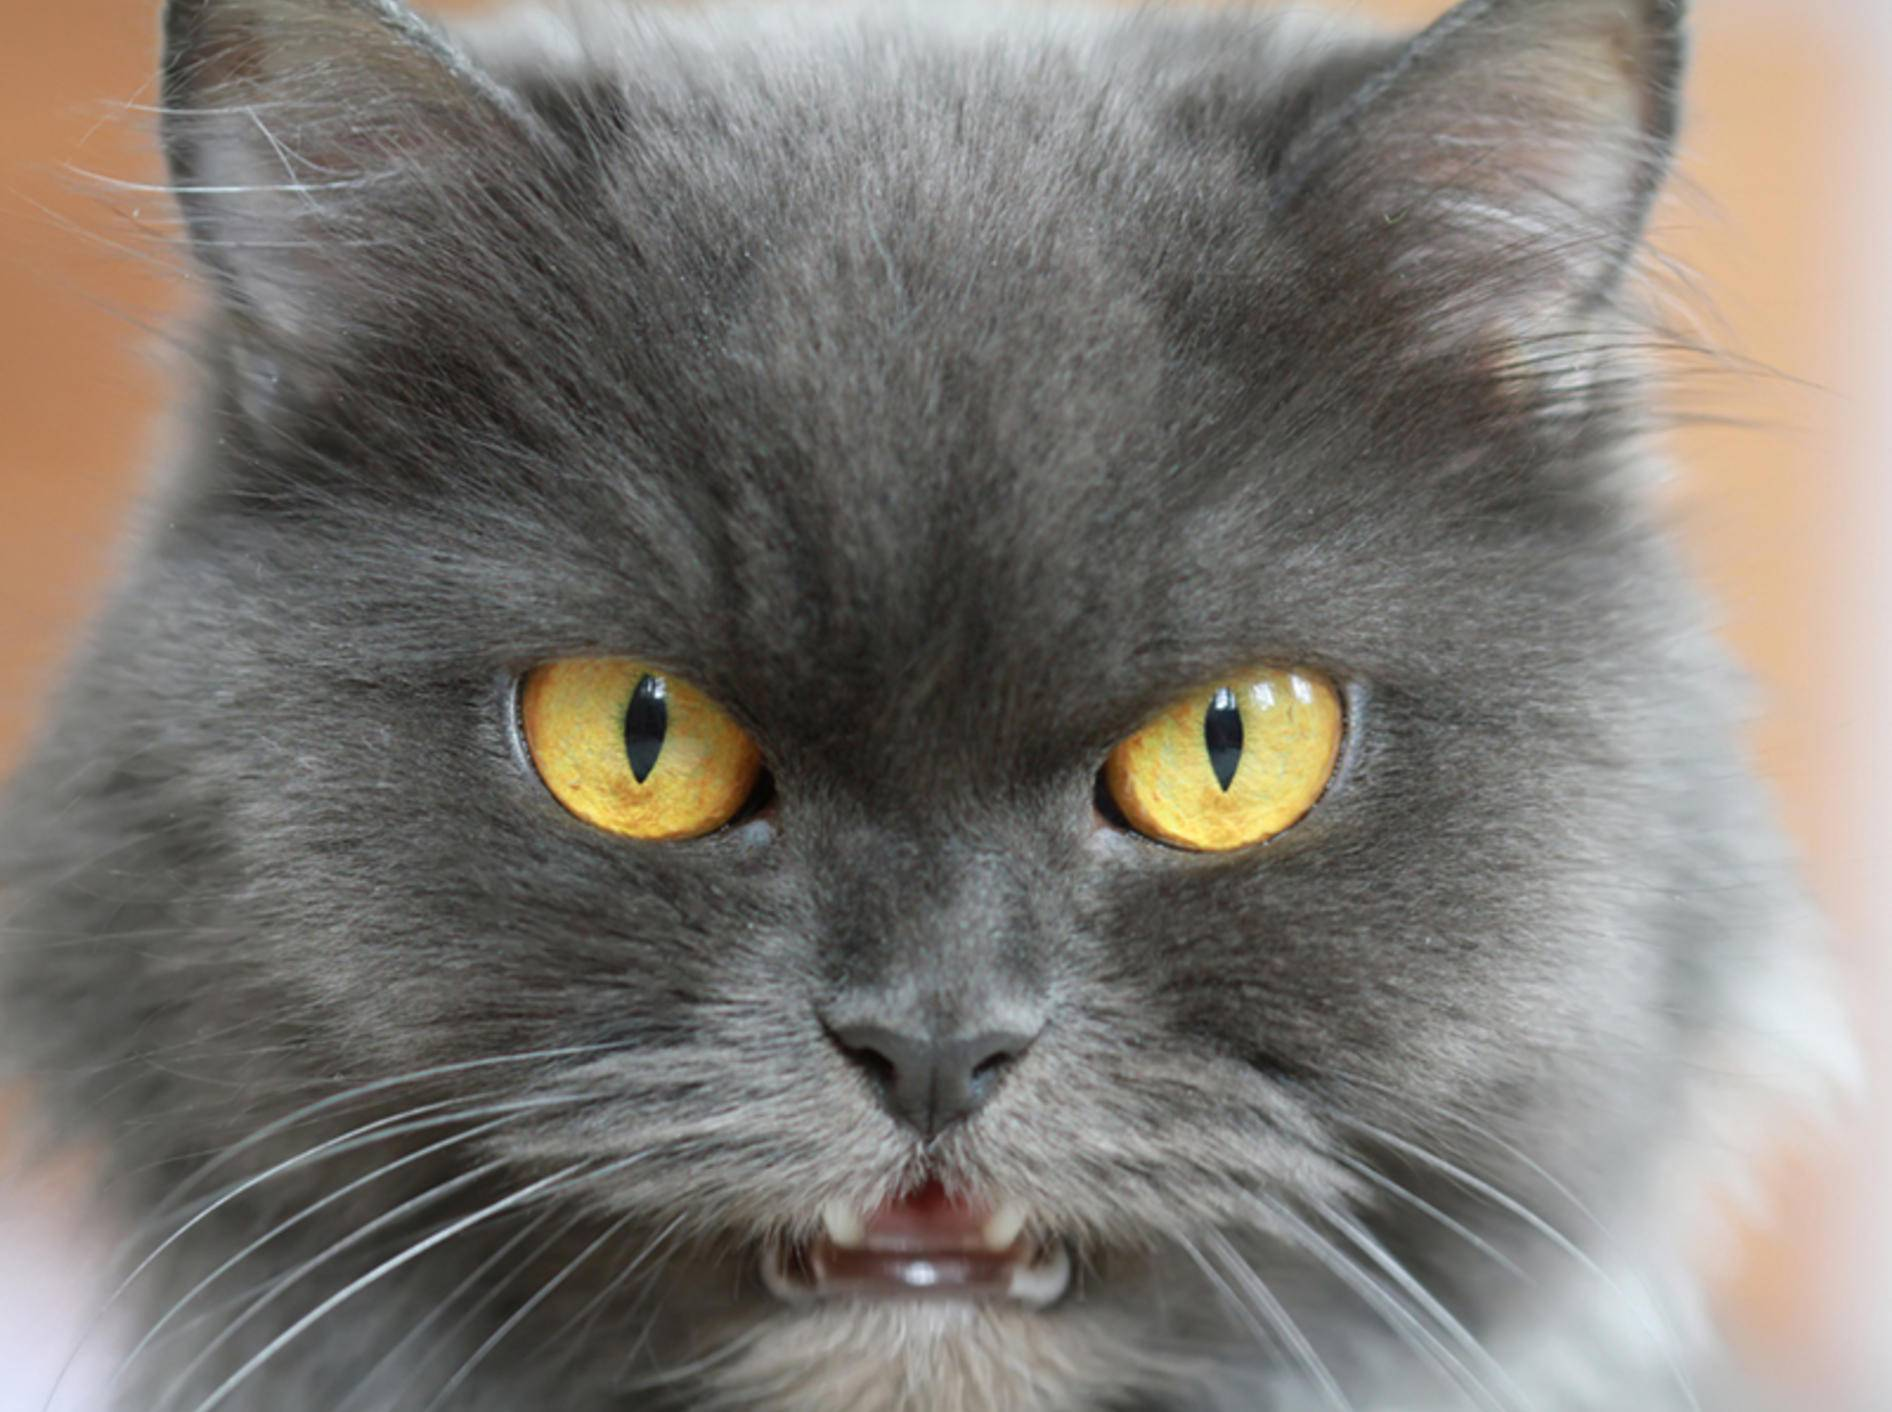 Reagiert die Katze aggressiv auf Menschen ist Vorsicht geboten – Bild: Shutterstock / turlakova